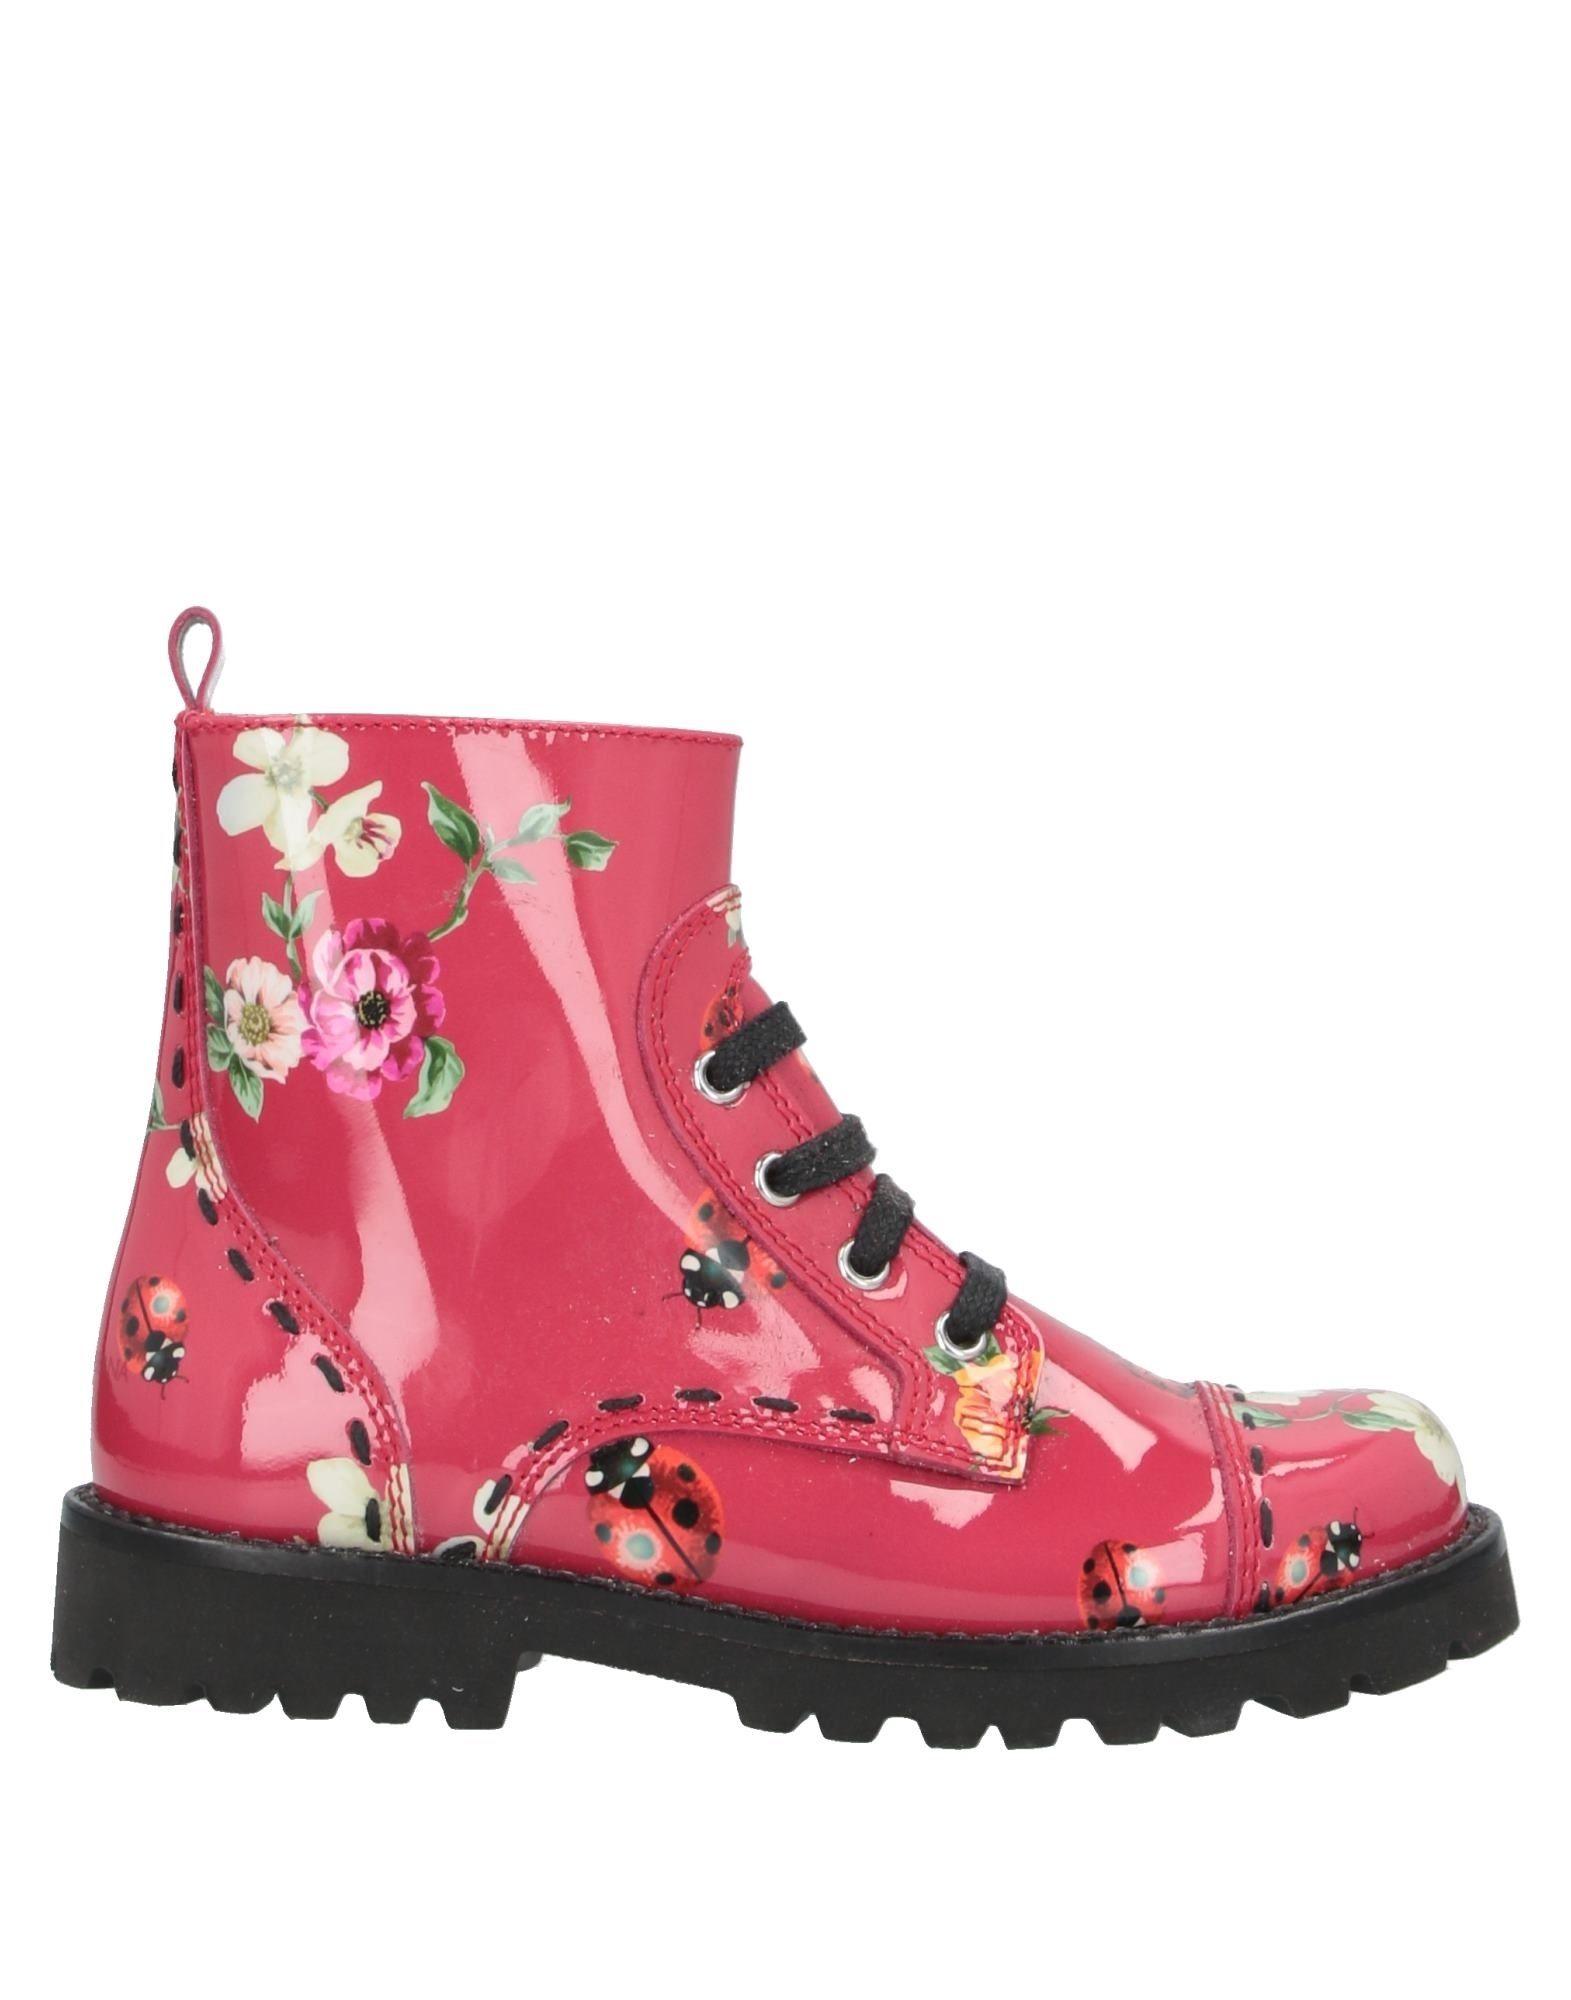 DOLCE & GABBANA   DOLCE & GABBANA Ankle Boots 11715302   Goxip